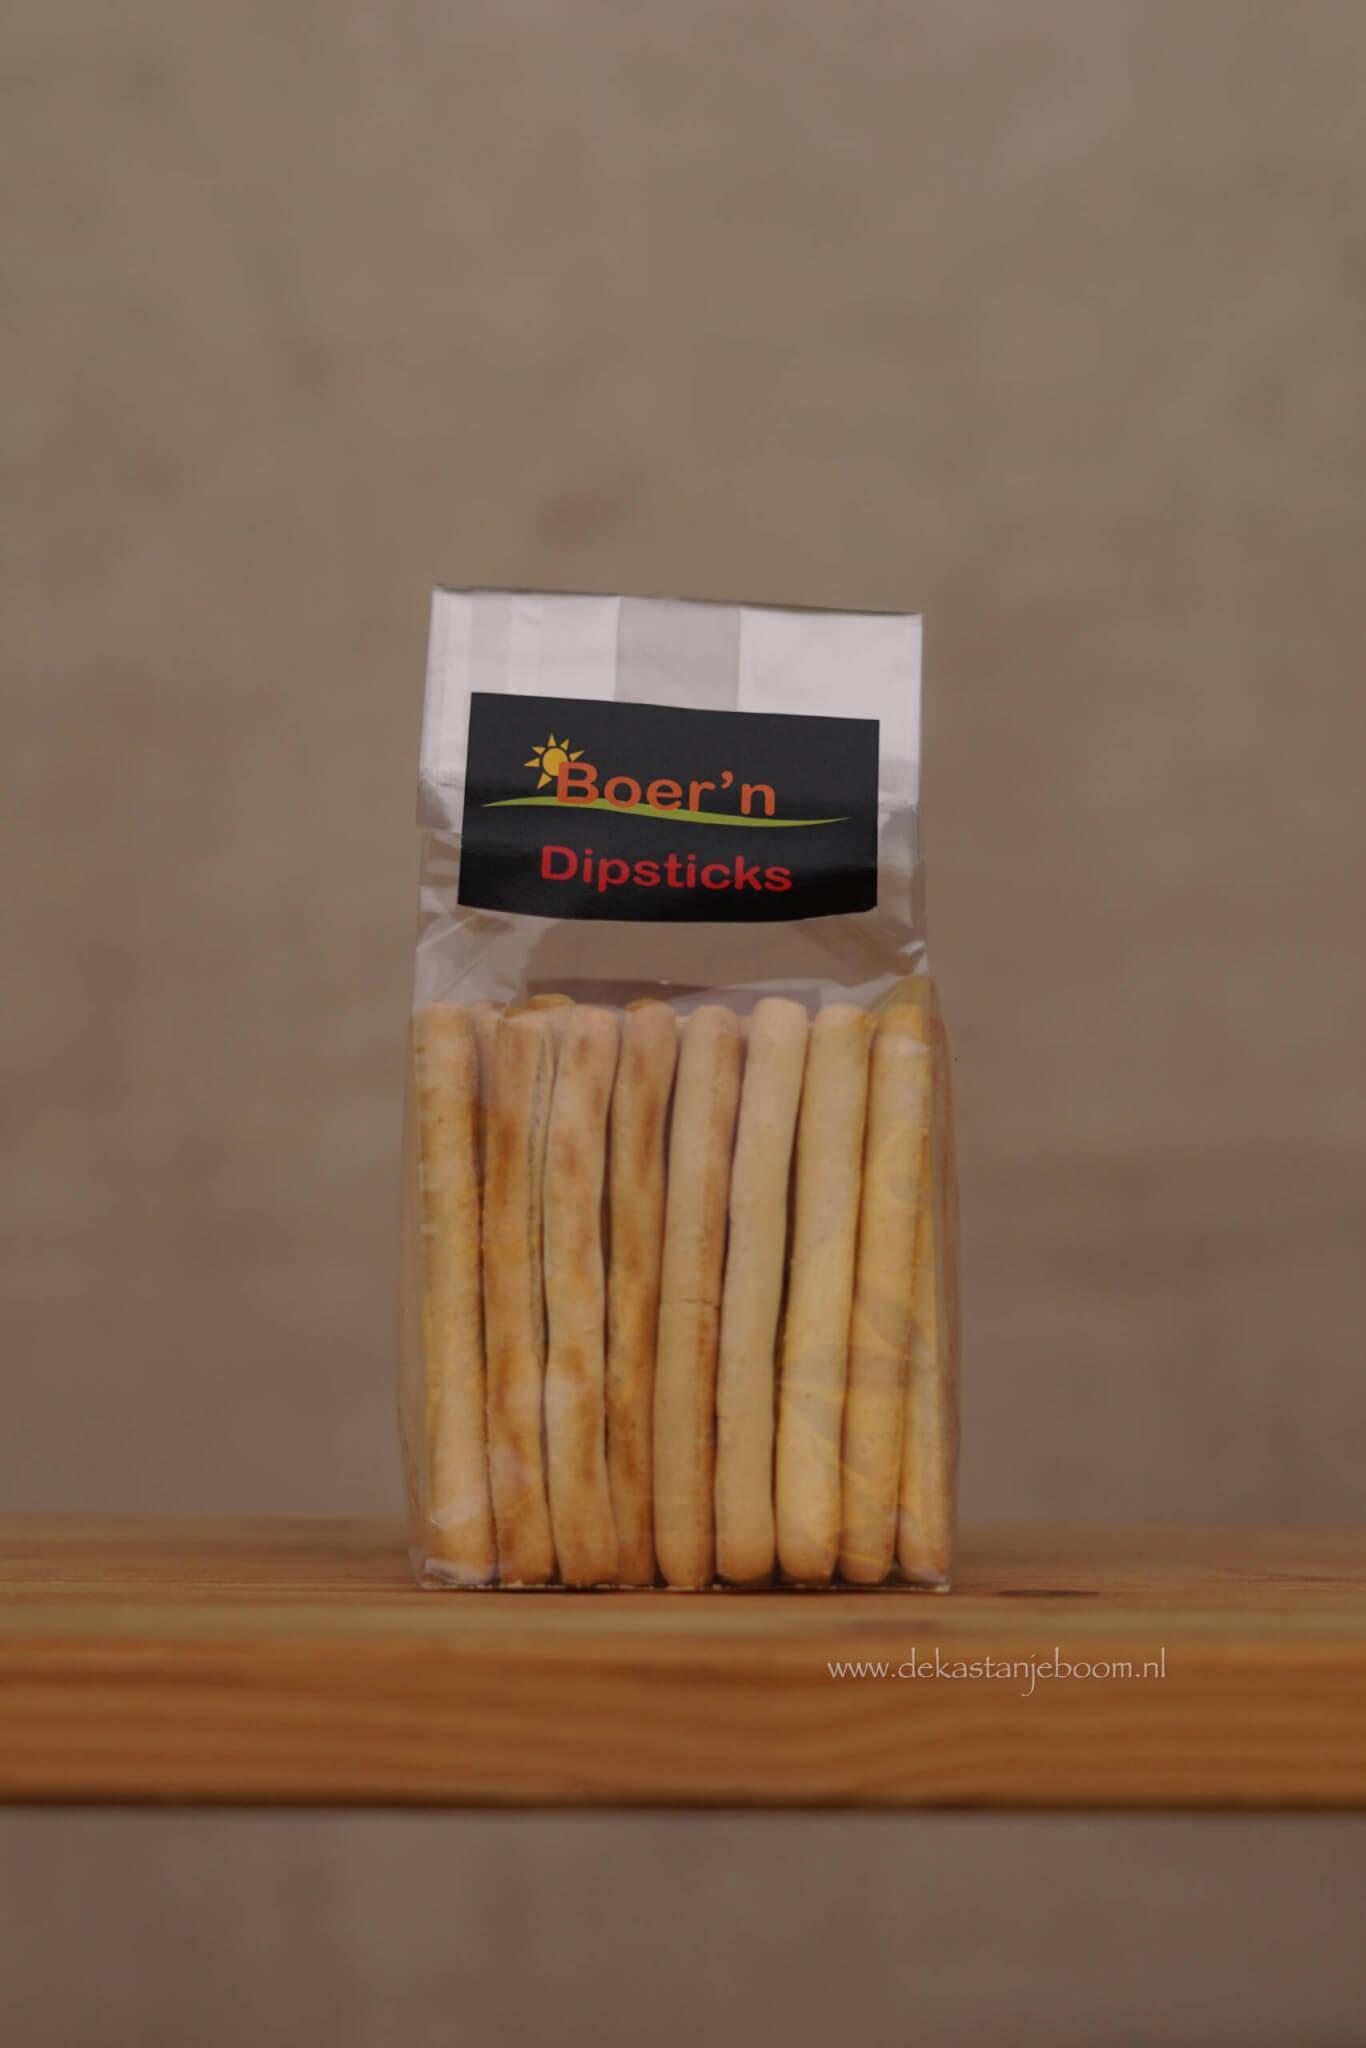 Boer'n dipsticks